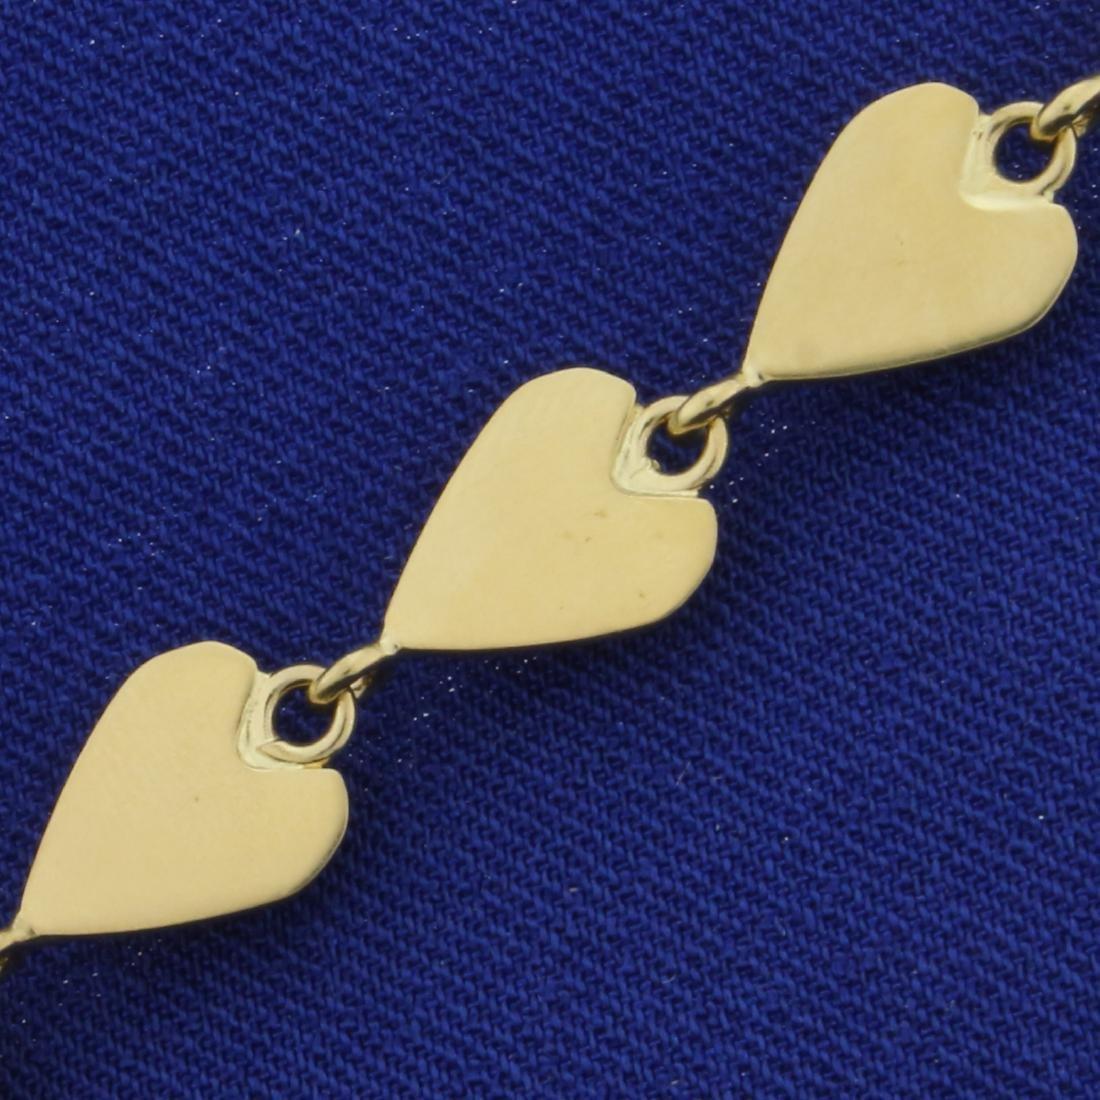 7 1/2 Inch Heart Link Heart Bracelet in 14K Yellow Gold - 3